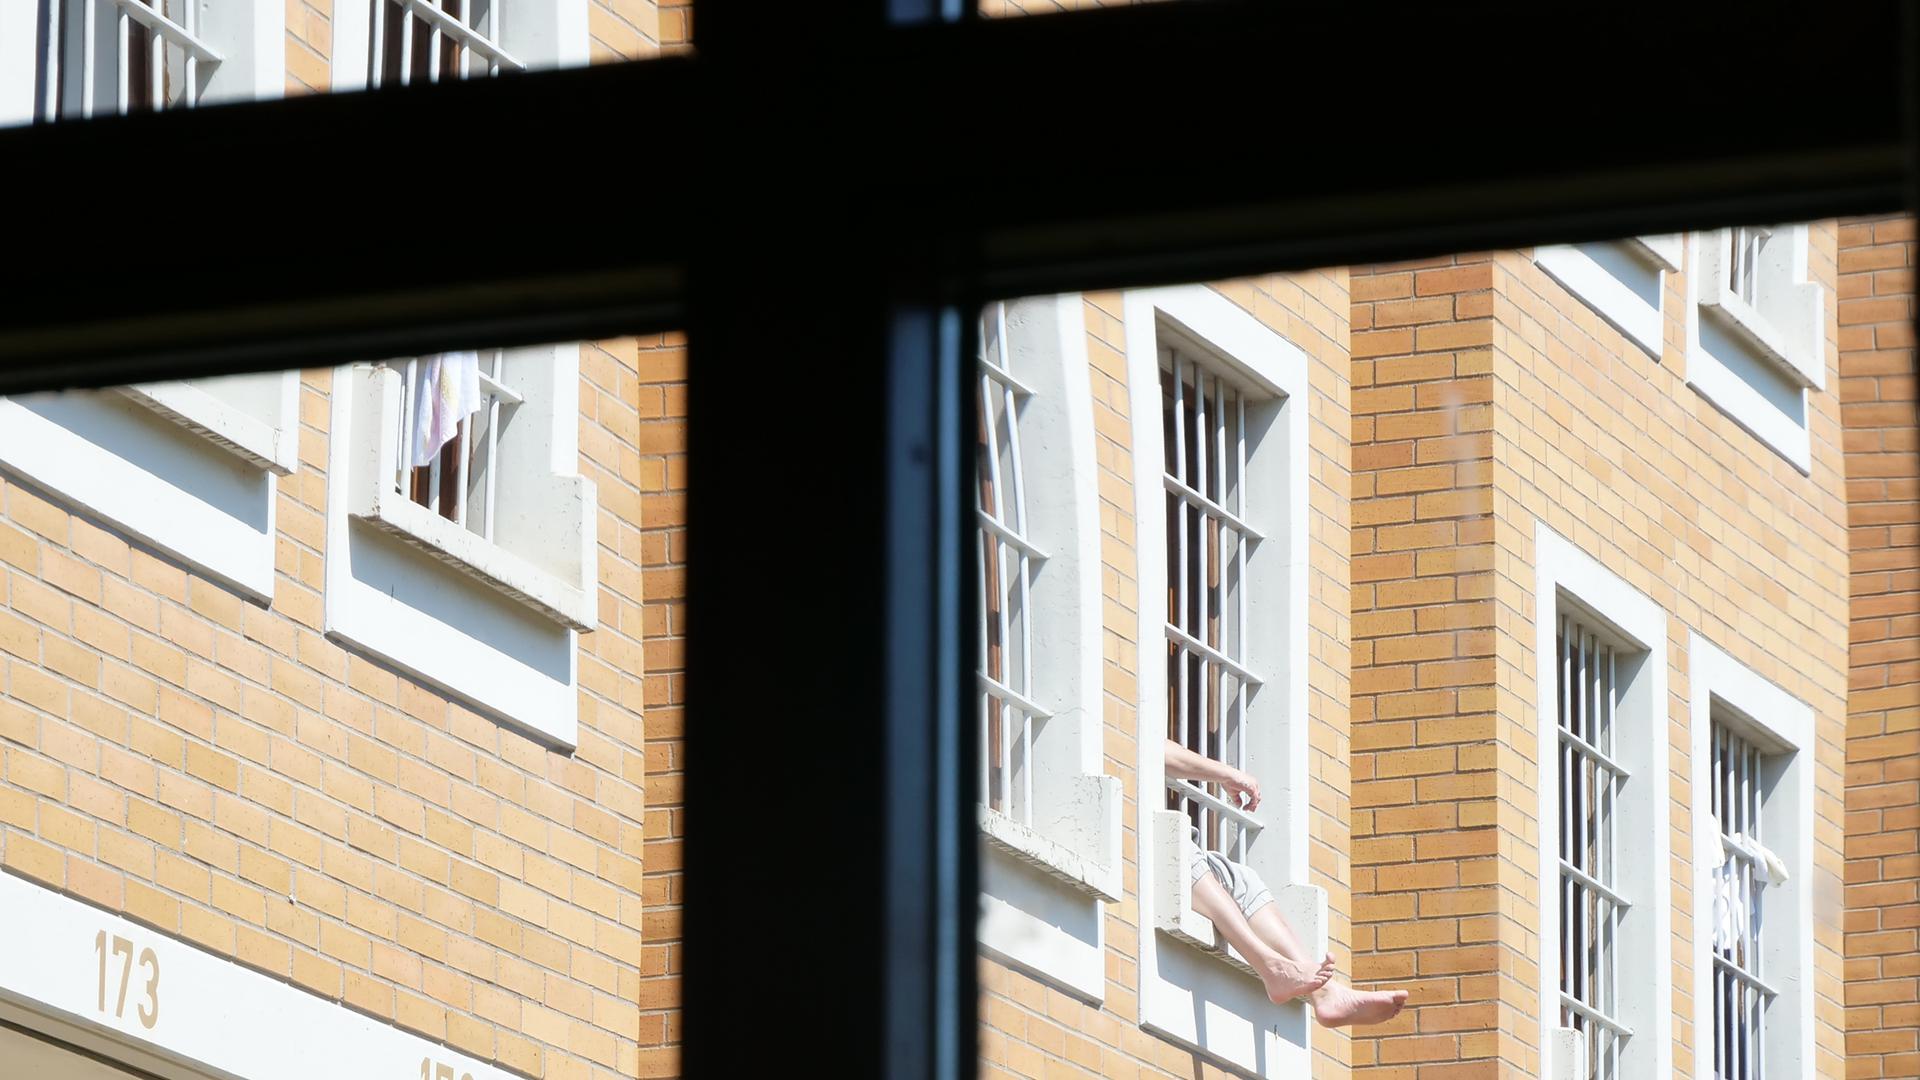 """Der Mann aus Gambia, den MdL Erik Schweickert als """"gambischen Unruhestifter"""" beschreibt, sitzt derzeit in der JVA Heimsheim hinter Gittern und soll abgeschoben werden, sobald alle Ausreisedokumente vorliegen"""